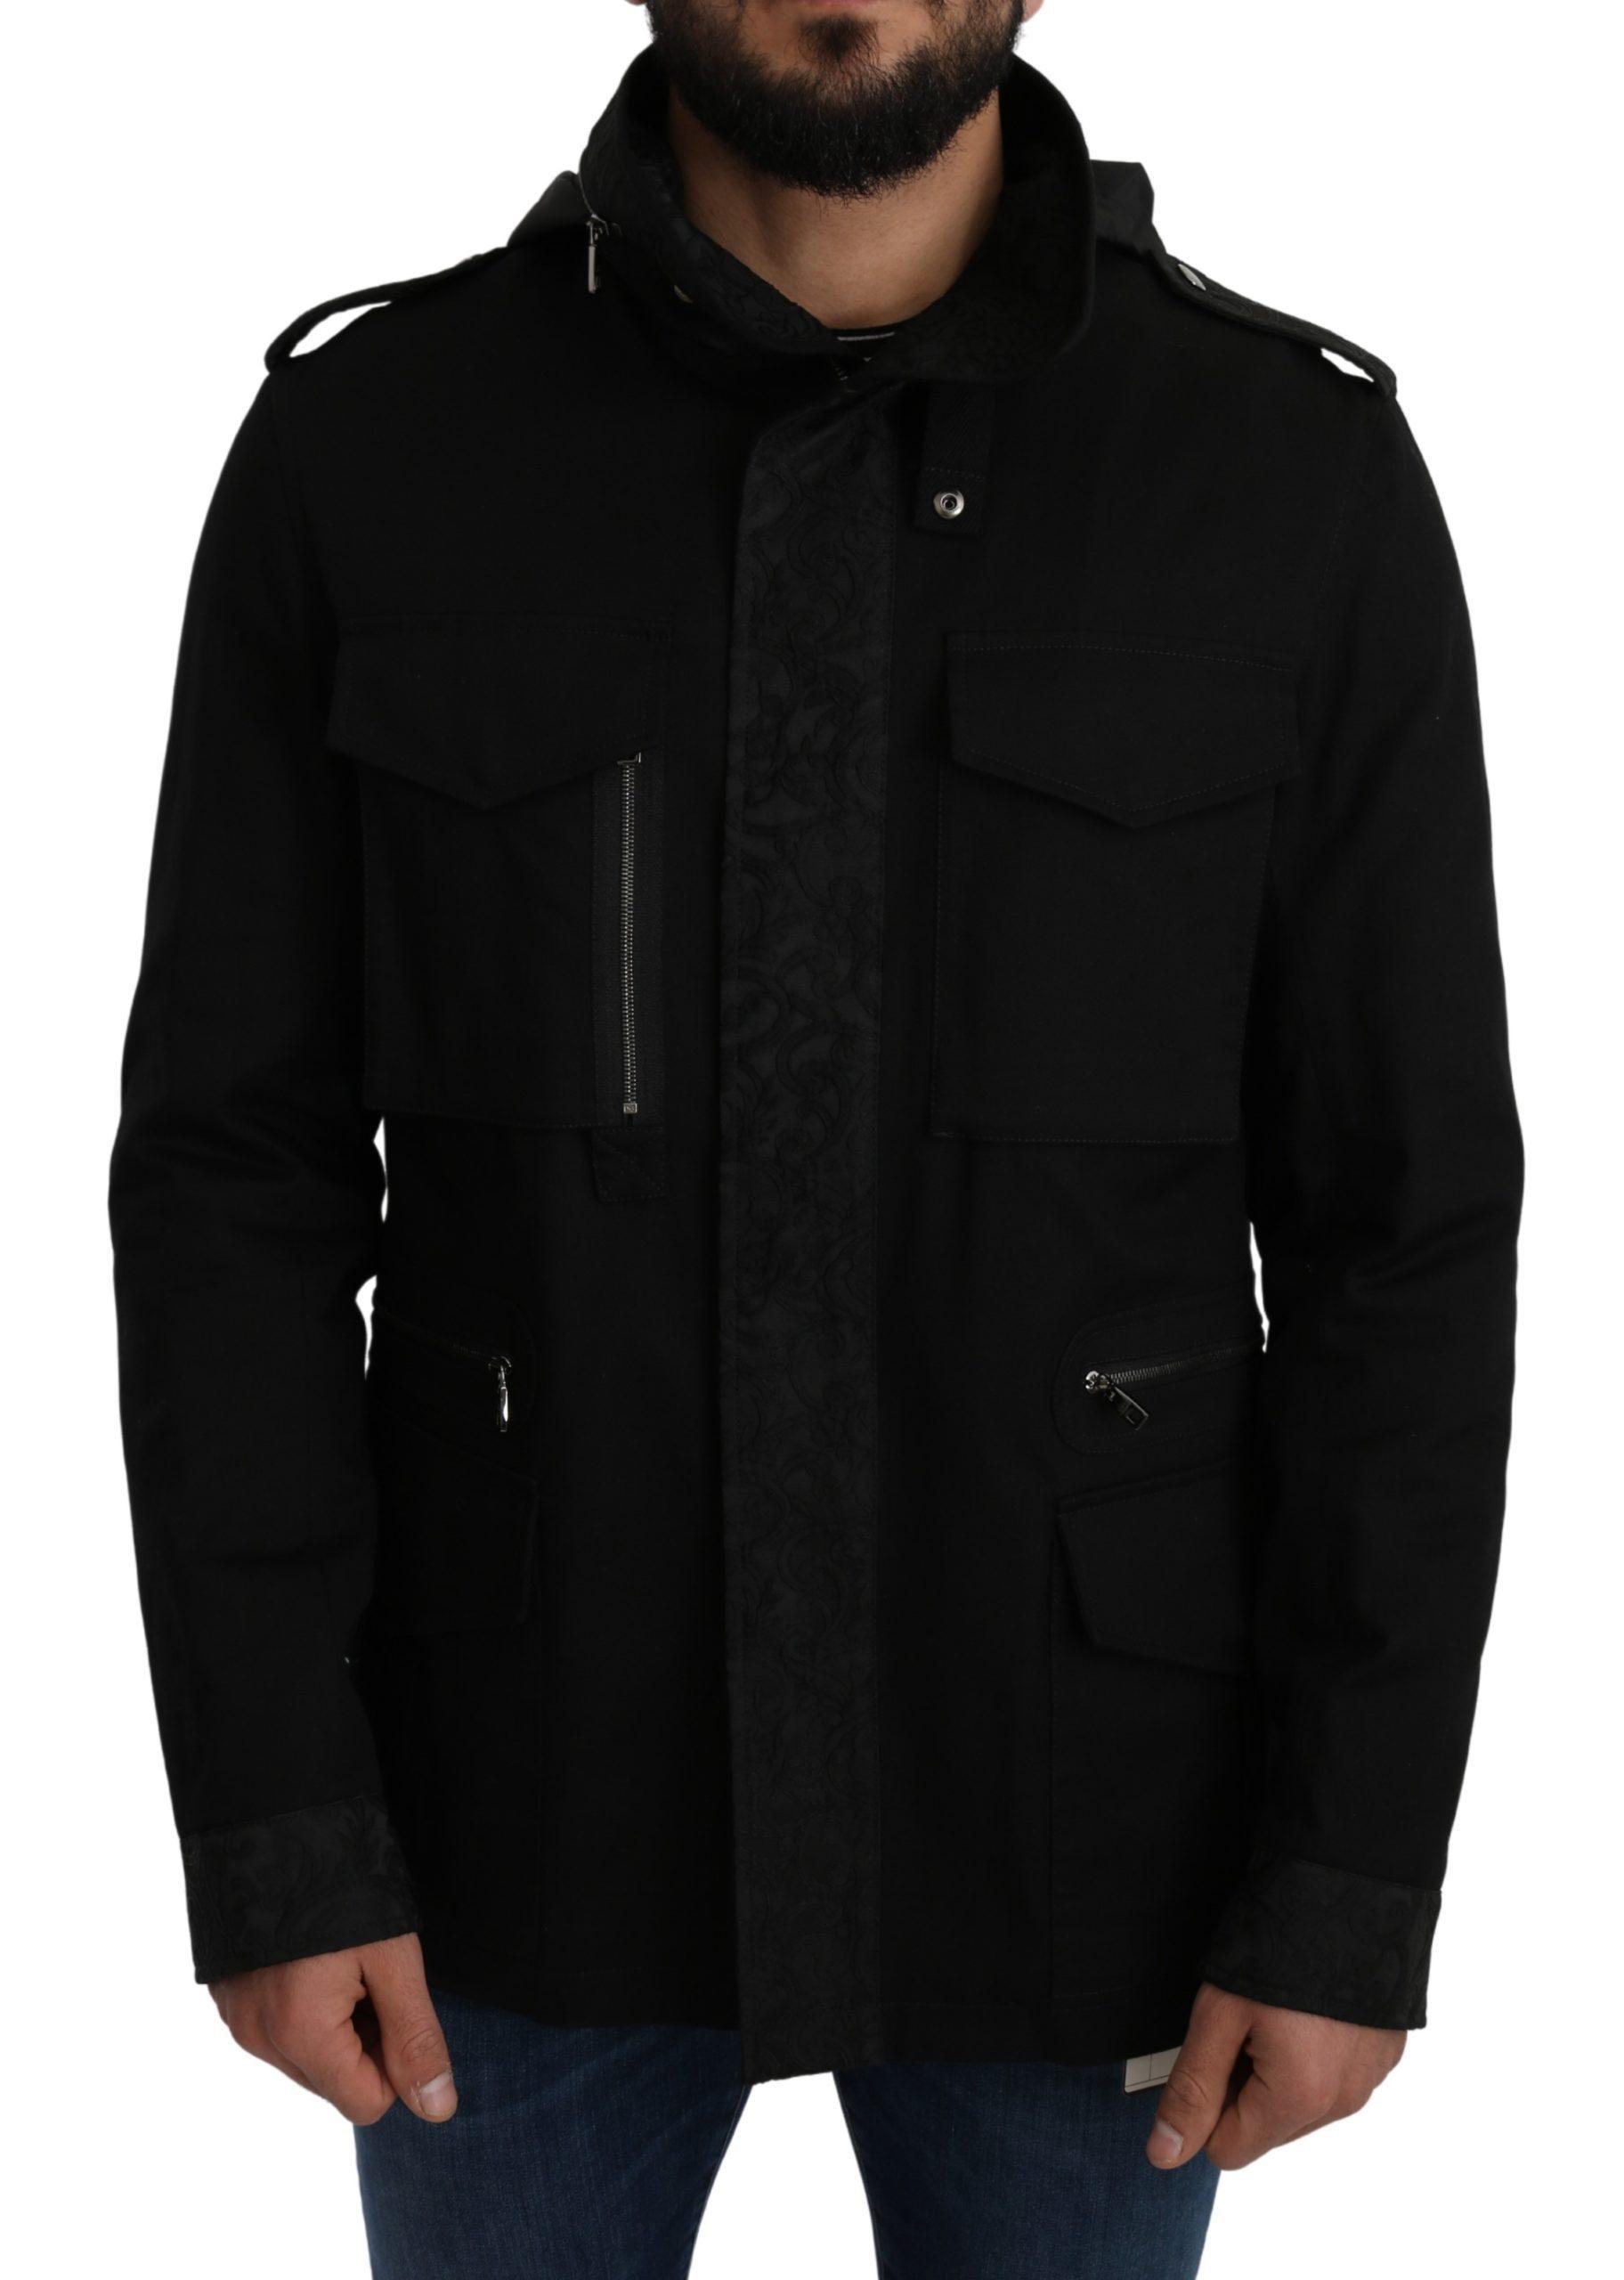 Dolce & Gabbana Men's Solid Jacquard Coat Hooded Jacket Black JKT2658 - IT50 | L